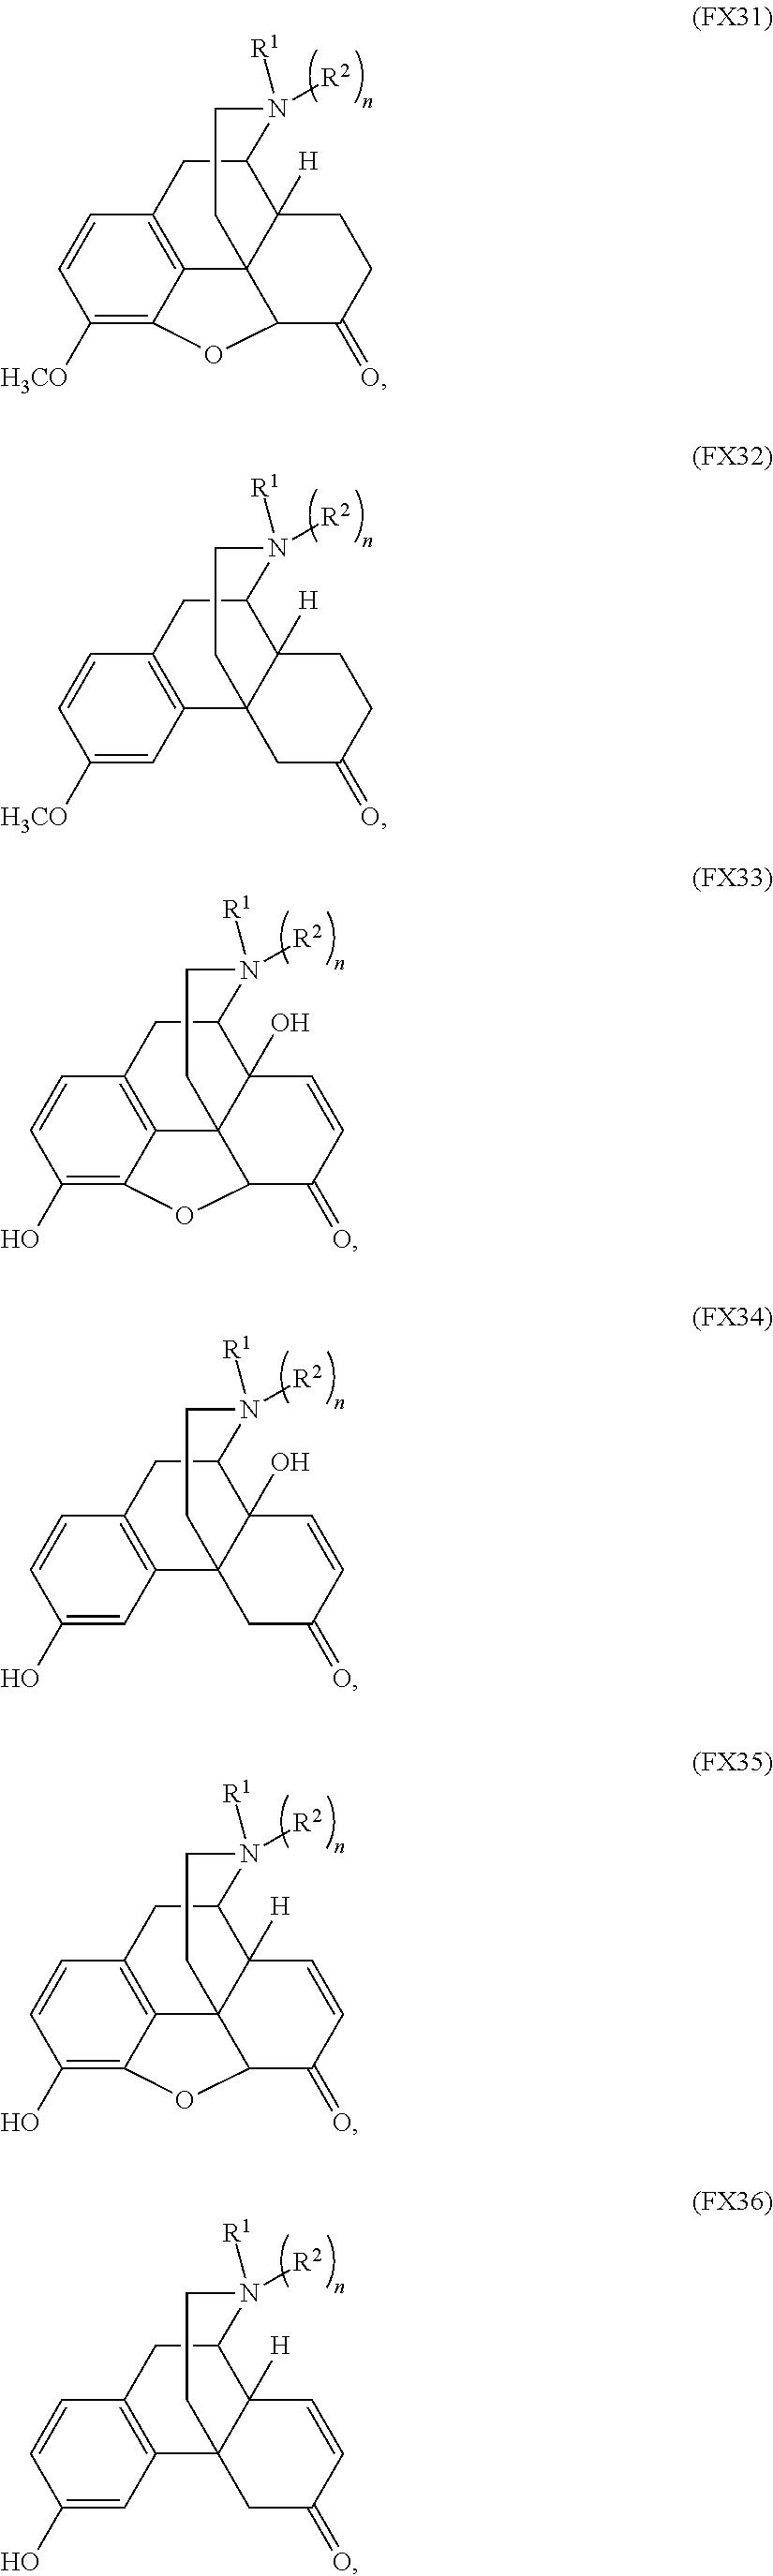 Figure US09518062-20161213-C00018